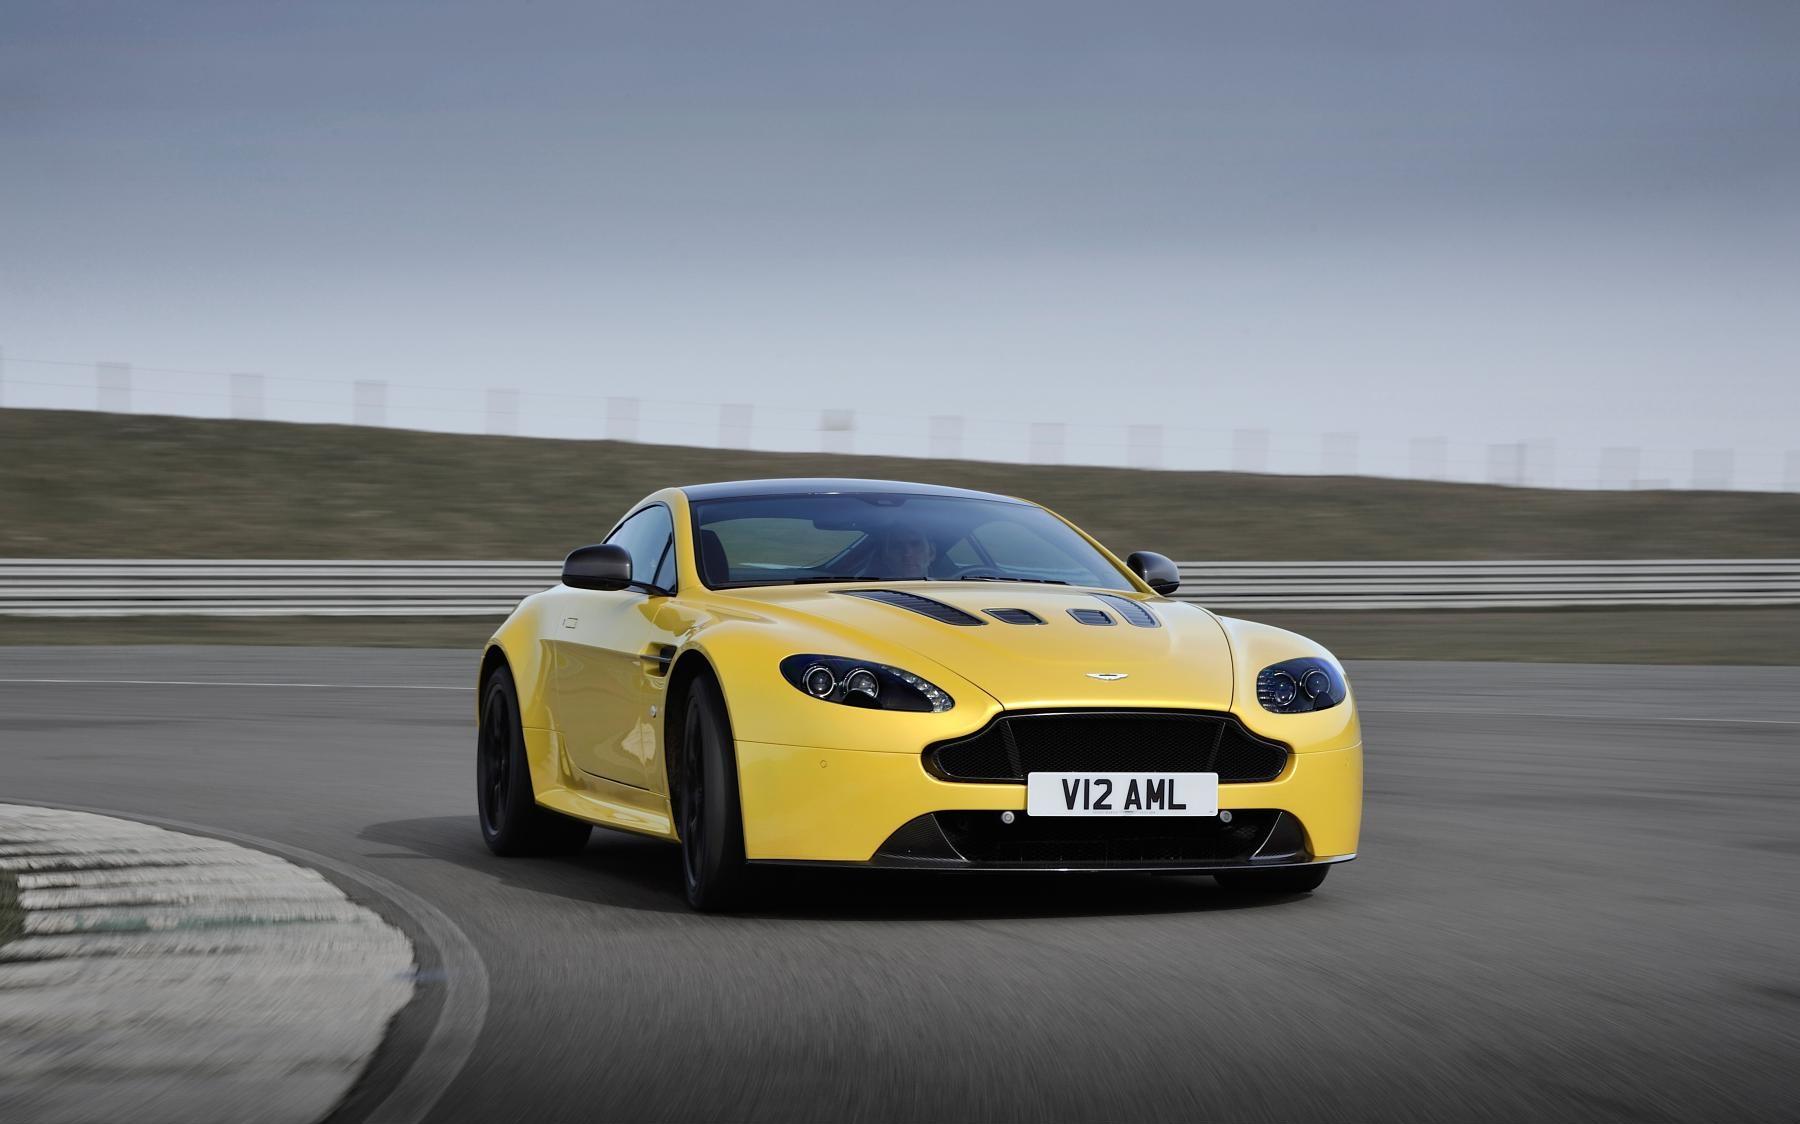 Aston Martin V12 Vantage S And 2014 Ferrari 458 Gtlm Confirmed For Forza Motorsport 6 Team Vvv